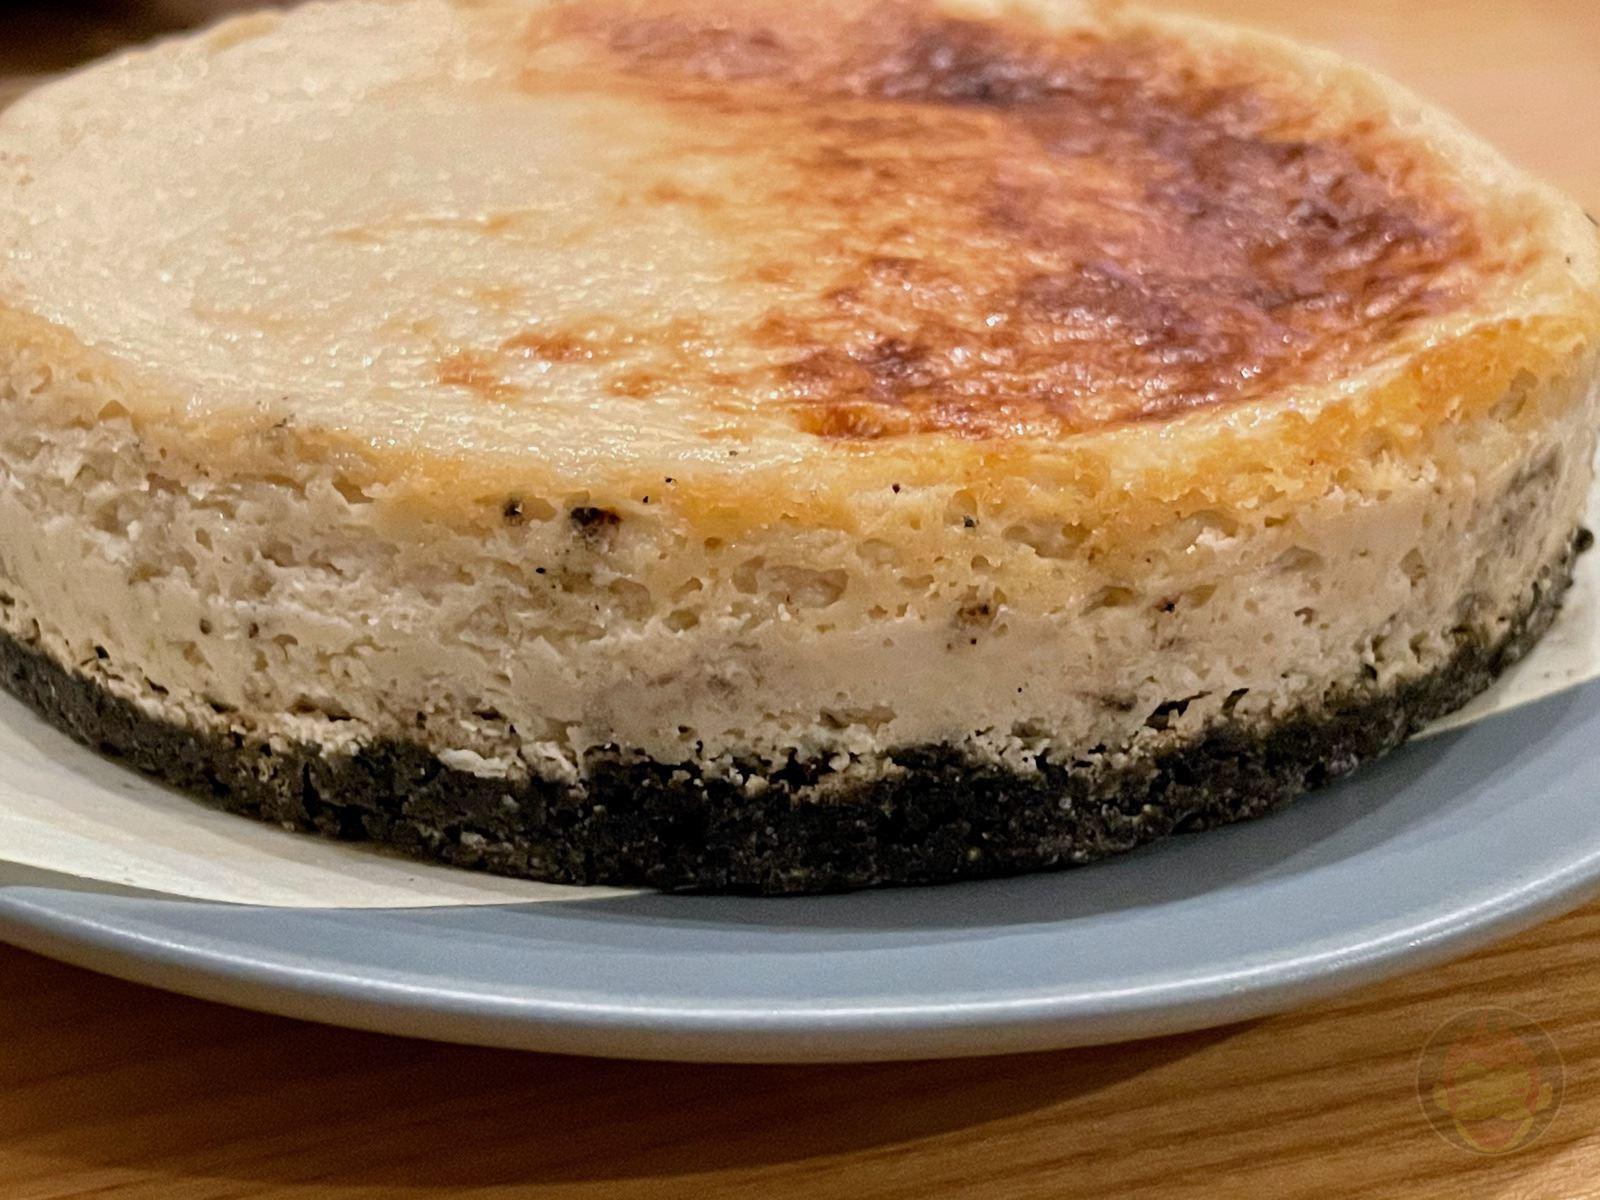 woodcanvas-cheesecake-vegan-organic-02.jpg